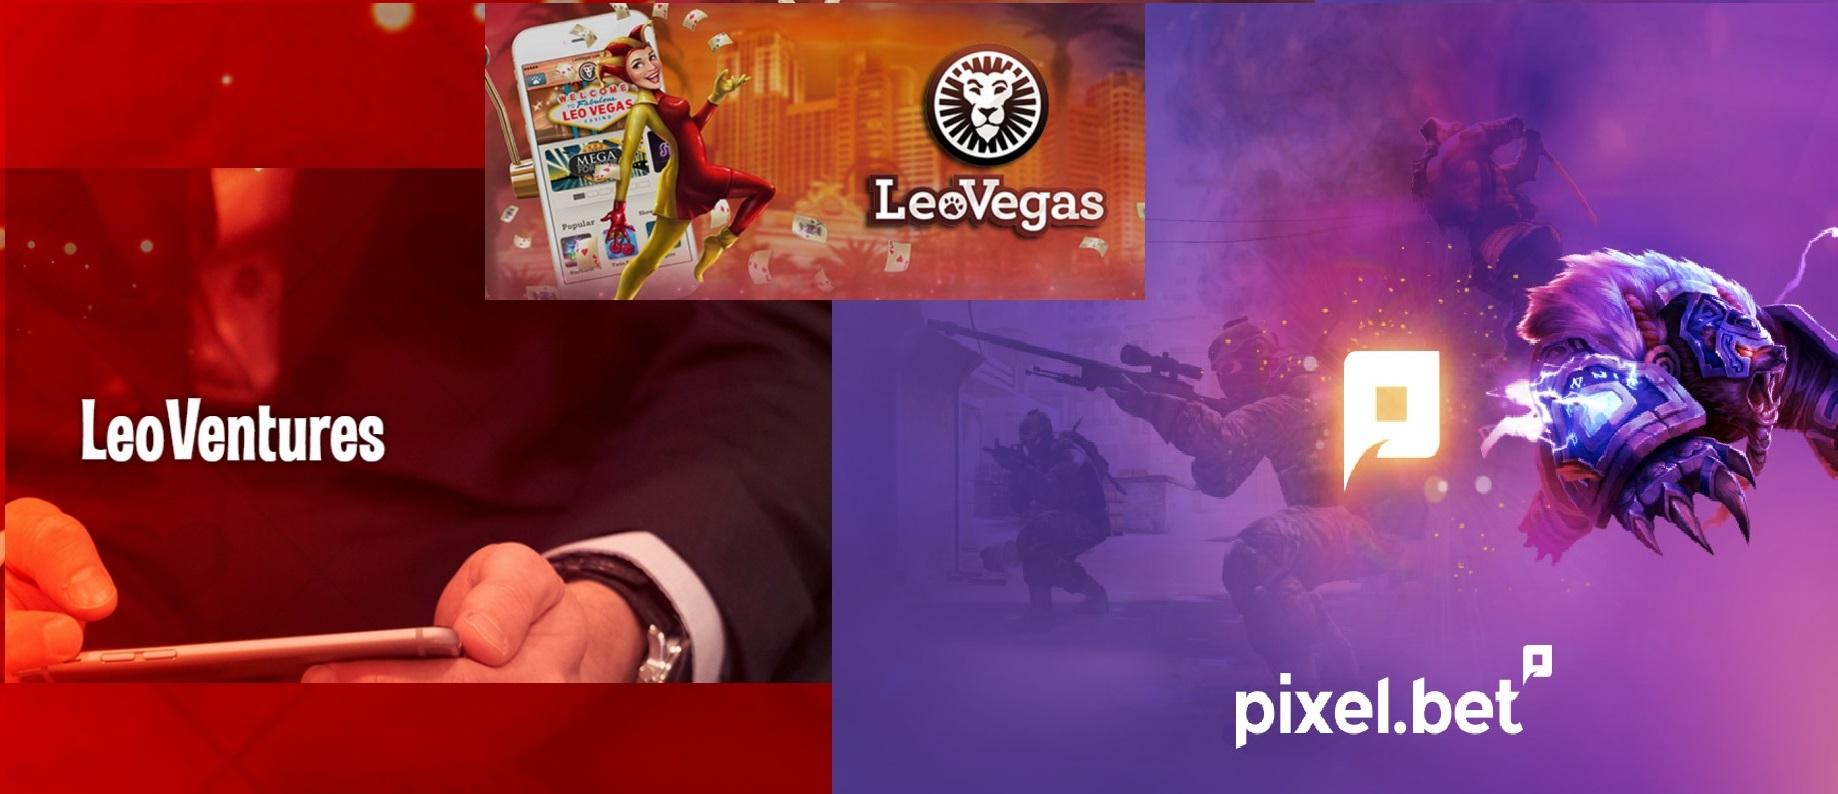 LeoVegas, LeoVentures, Pixel.bet